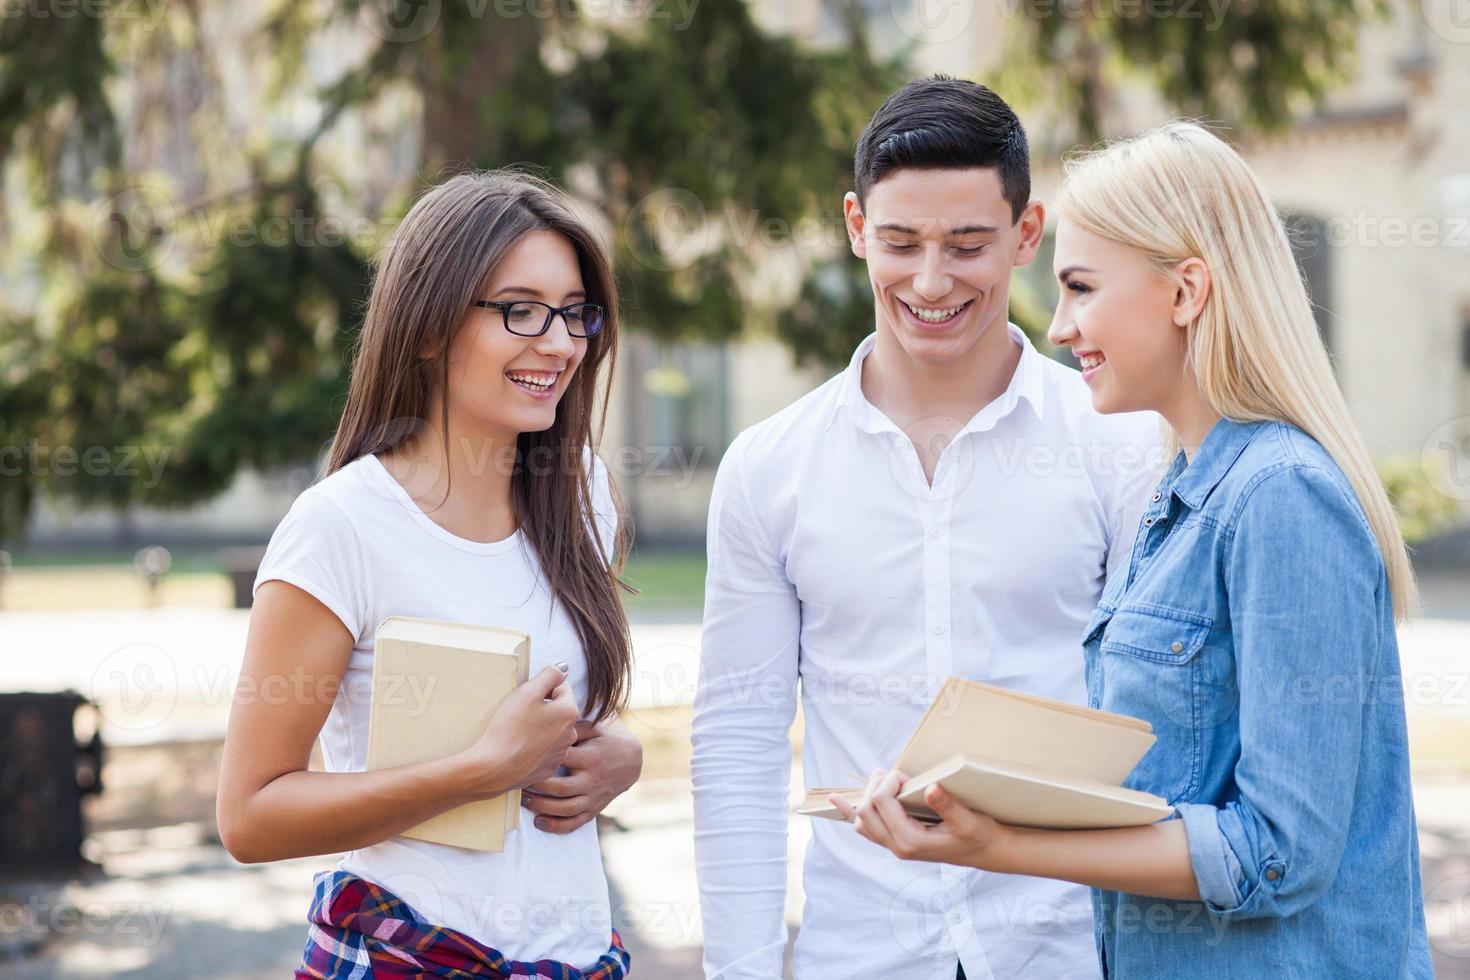 vrolijke jonge jongen en meisjes studeren samen foto